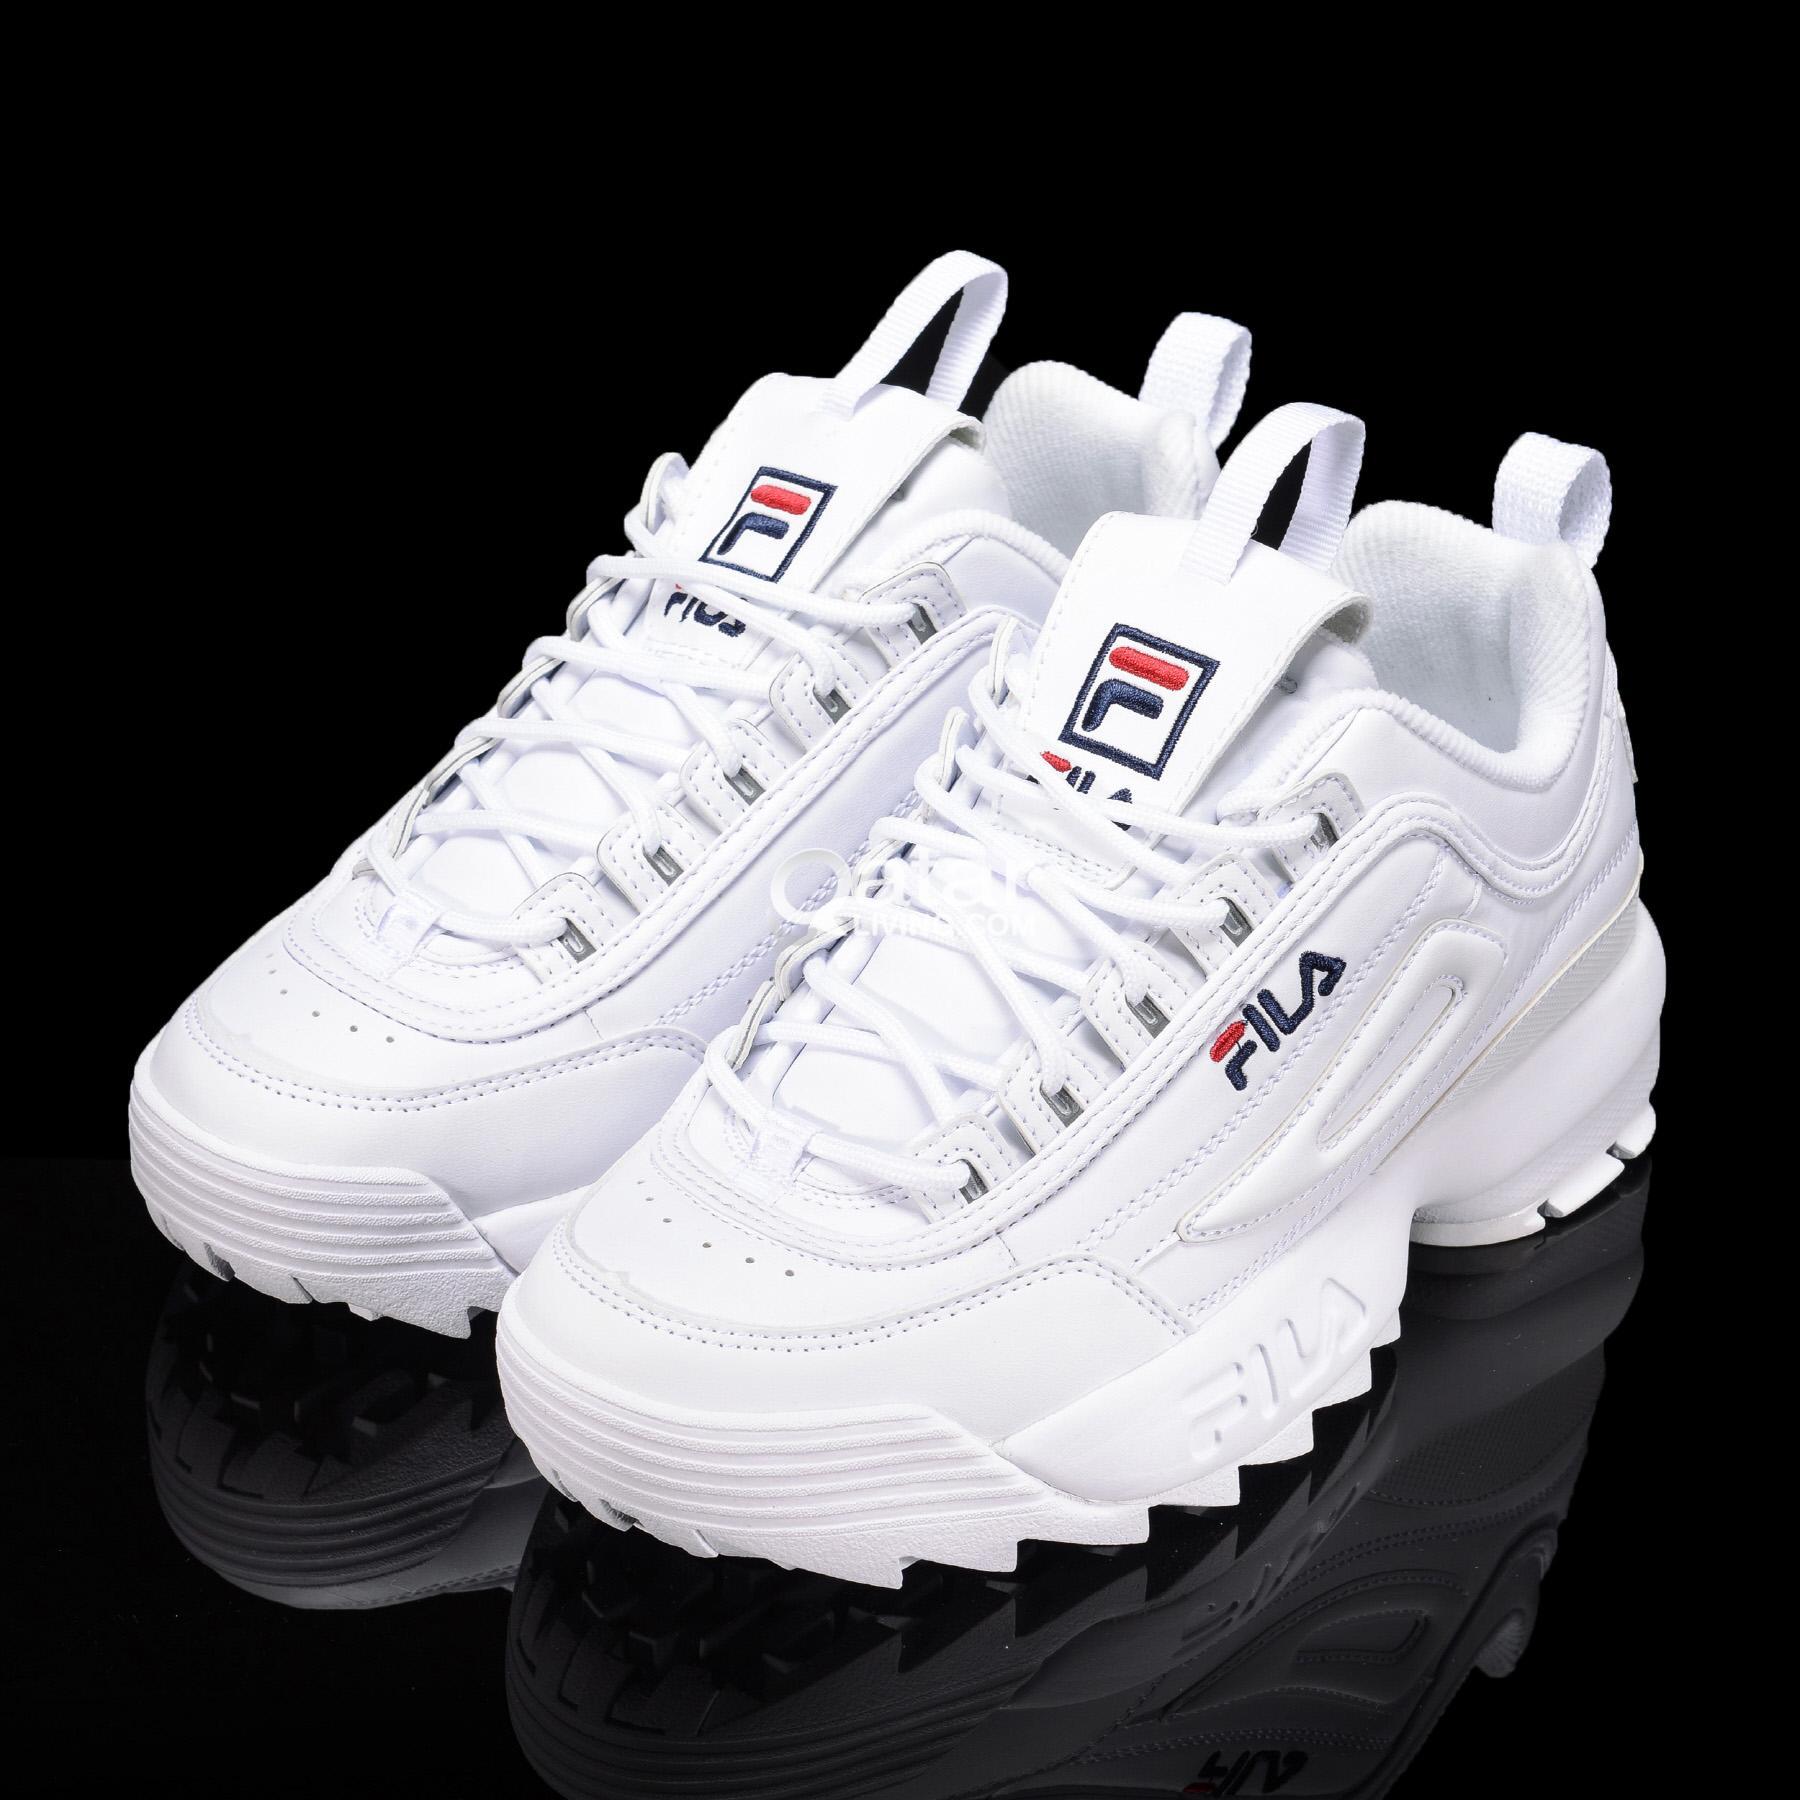 brand new fila shoes | Qatar Living